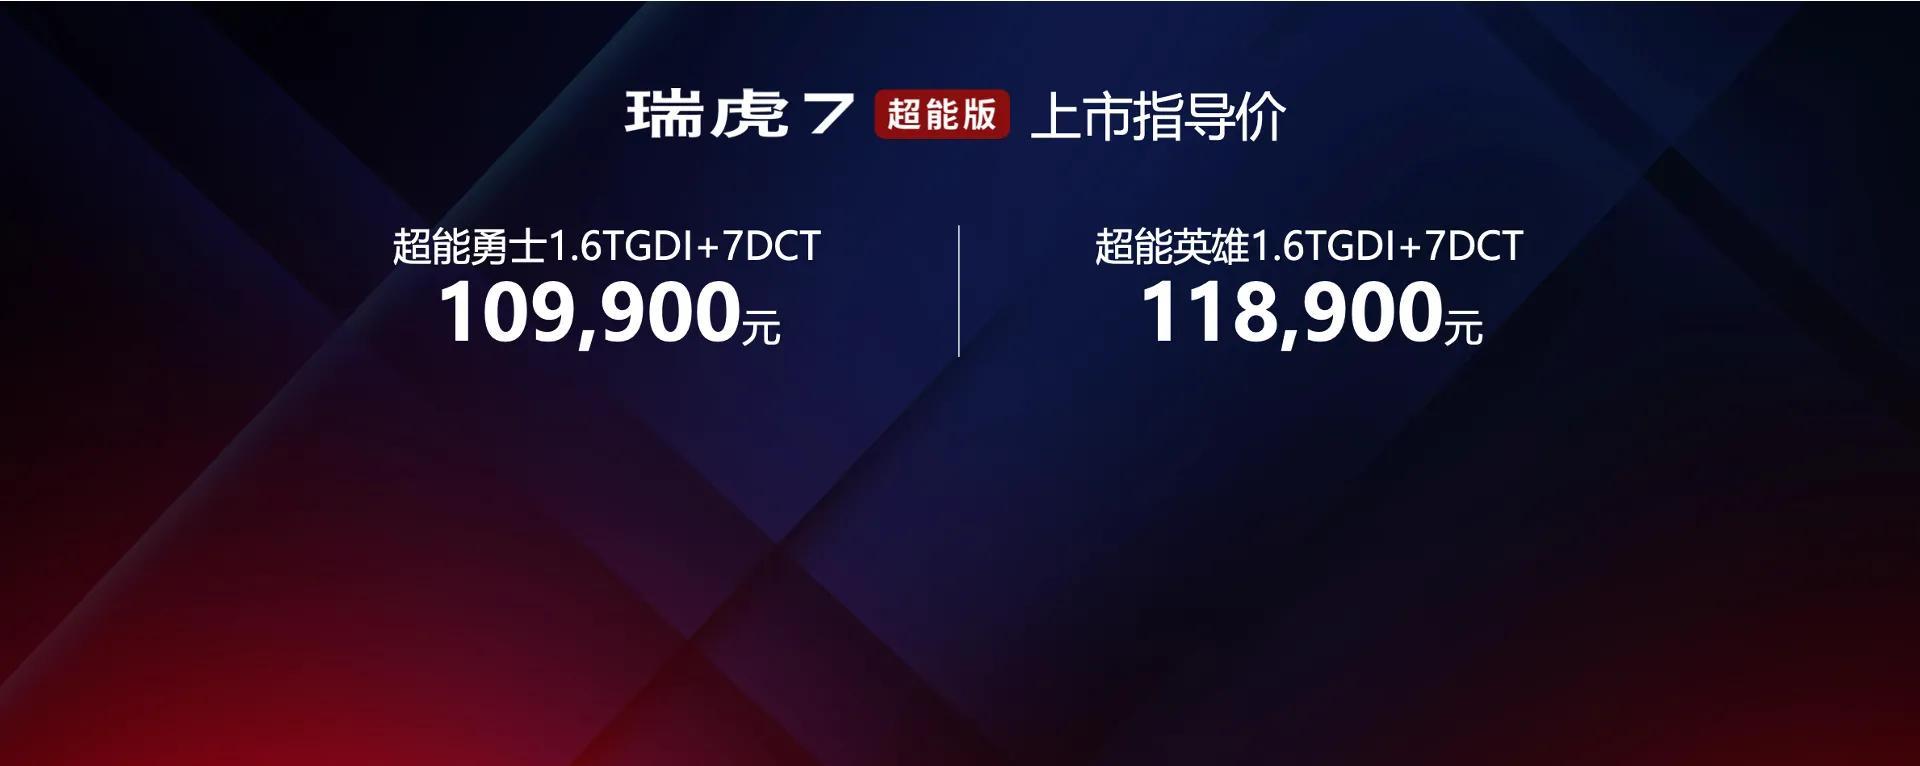 售价10.99万元起,瑞虎7超能版多处